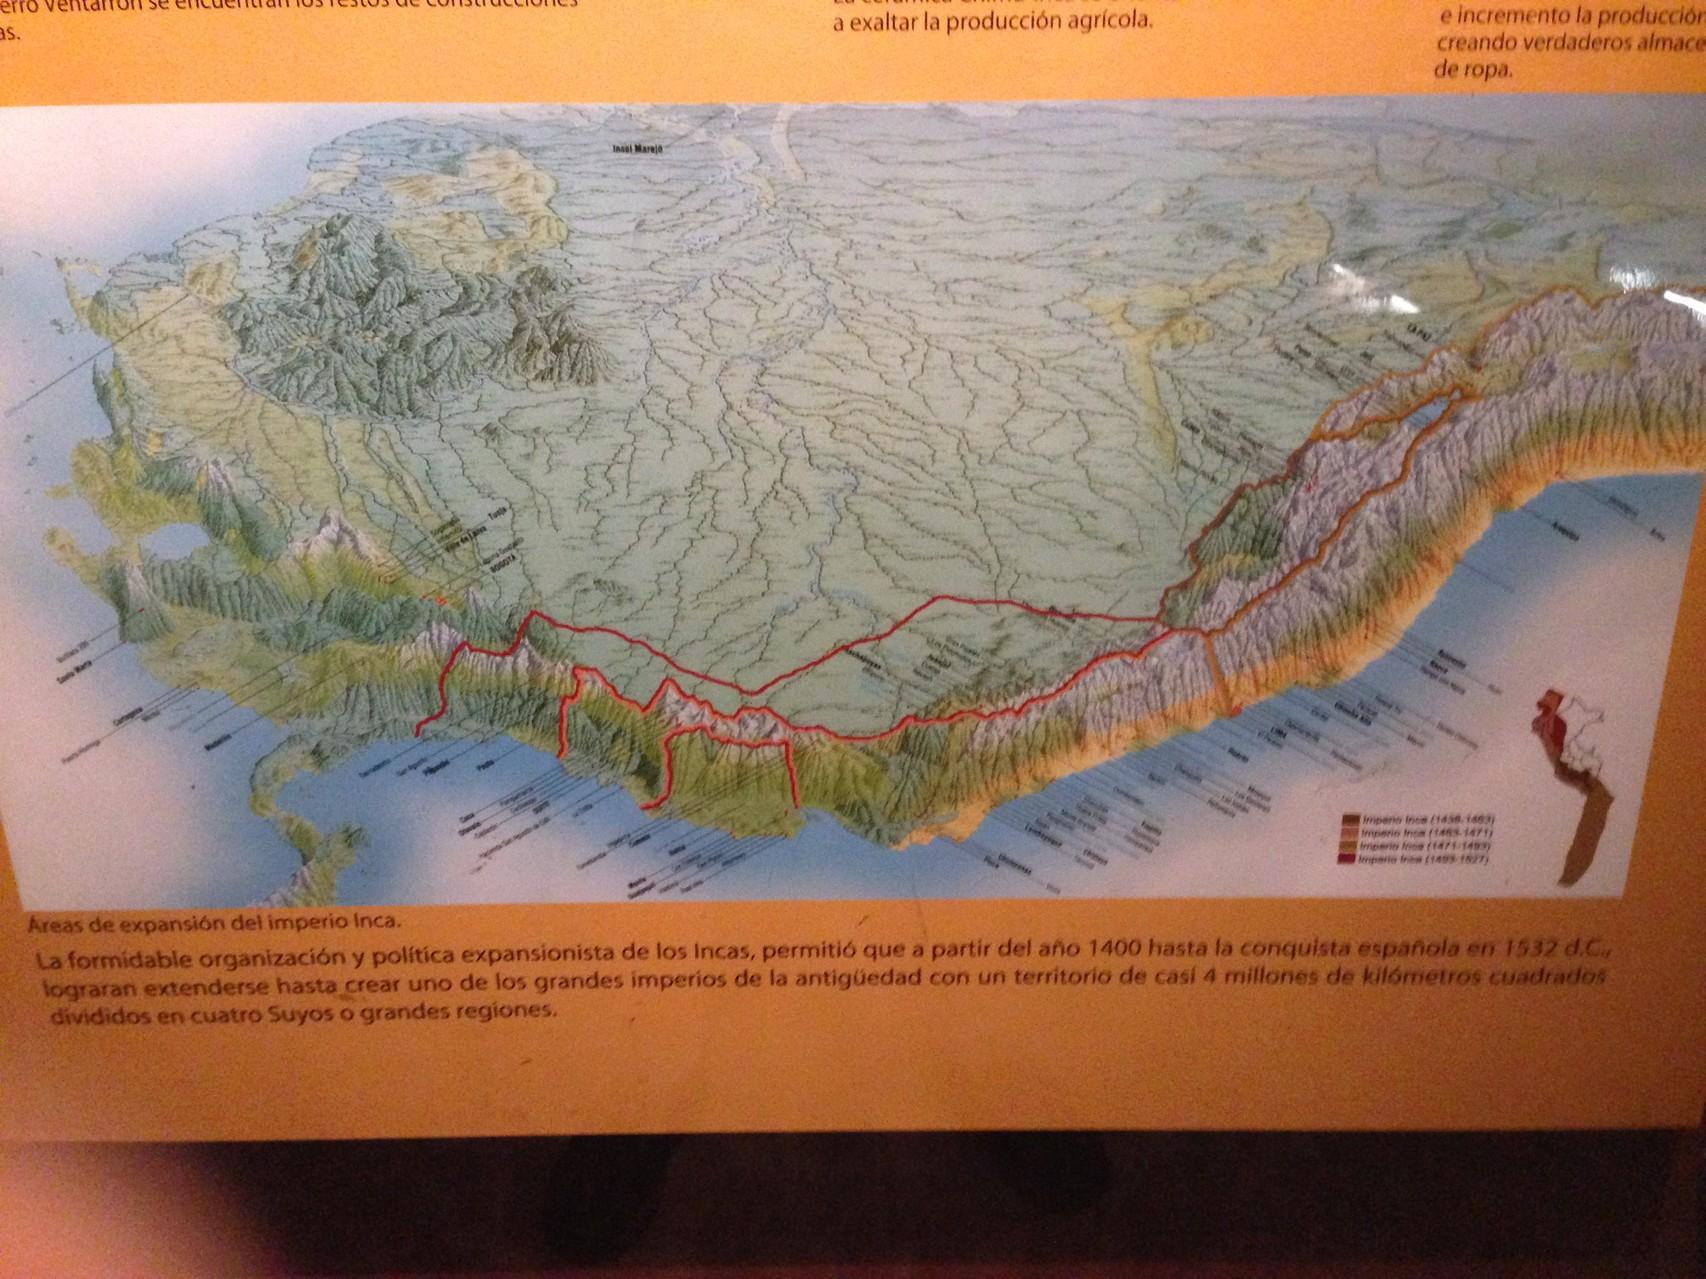 Die Ausbreitungsgebiete der Inkas zu verschiedenenen Epochen